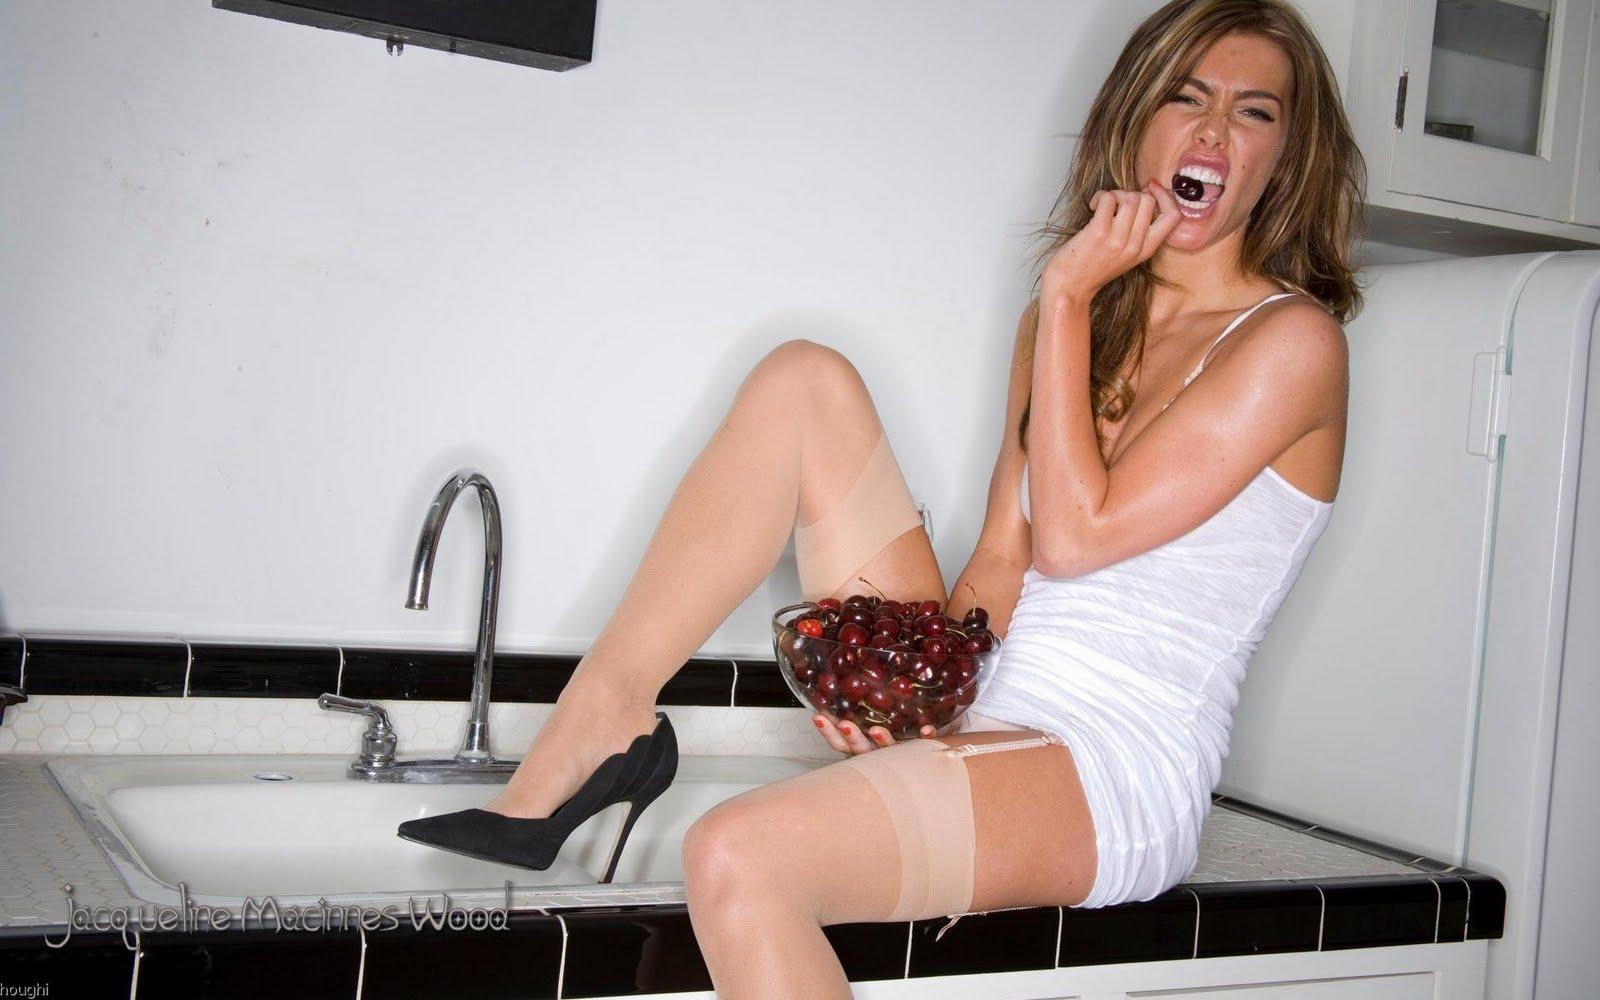 Larissa riquelme having sex